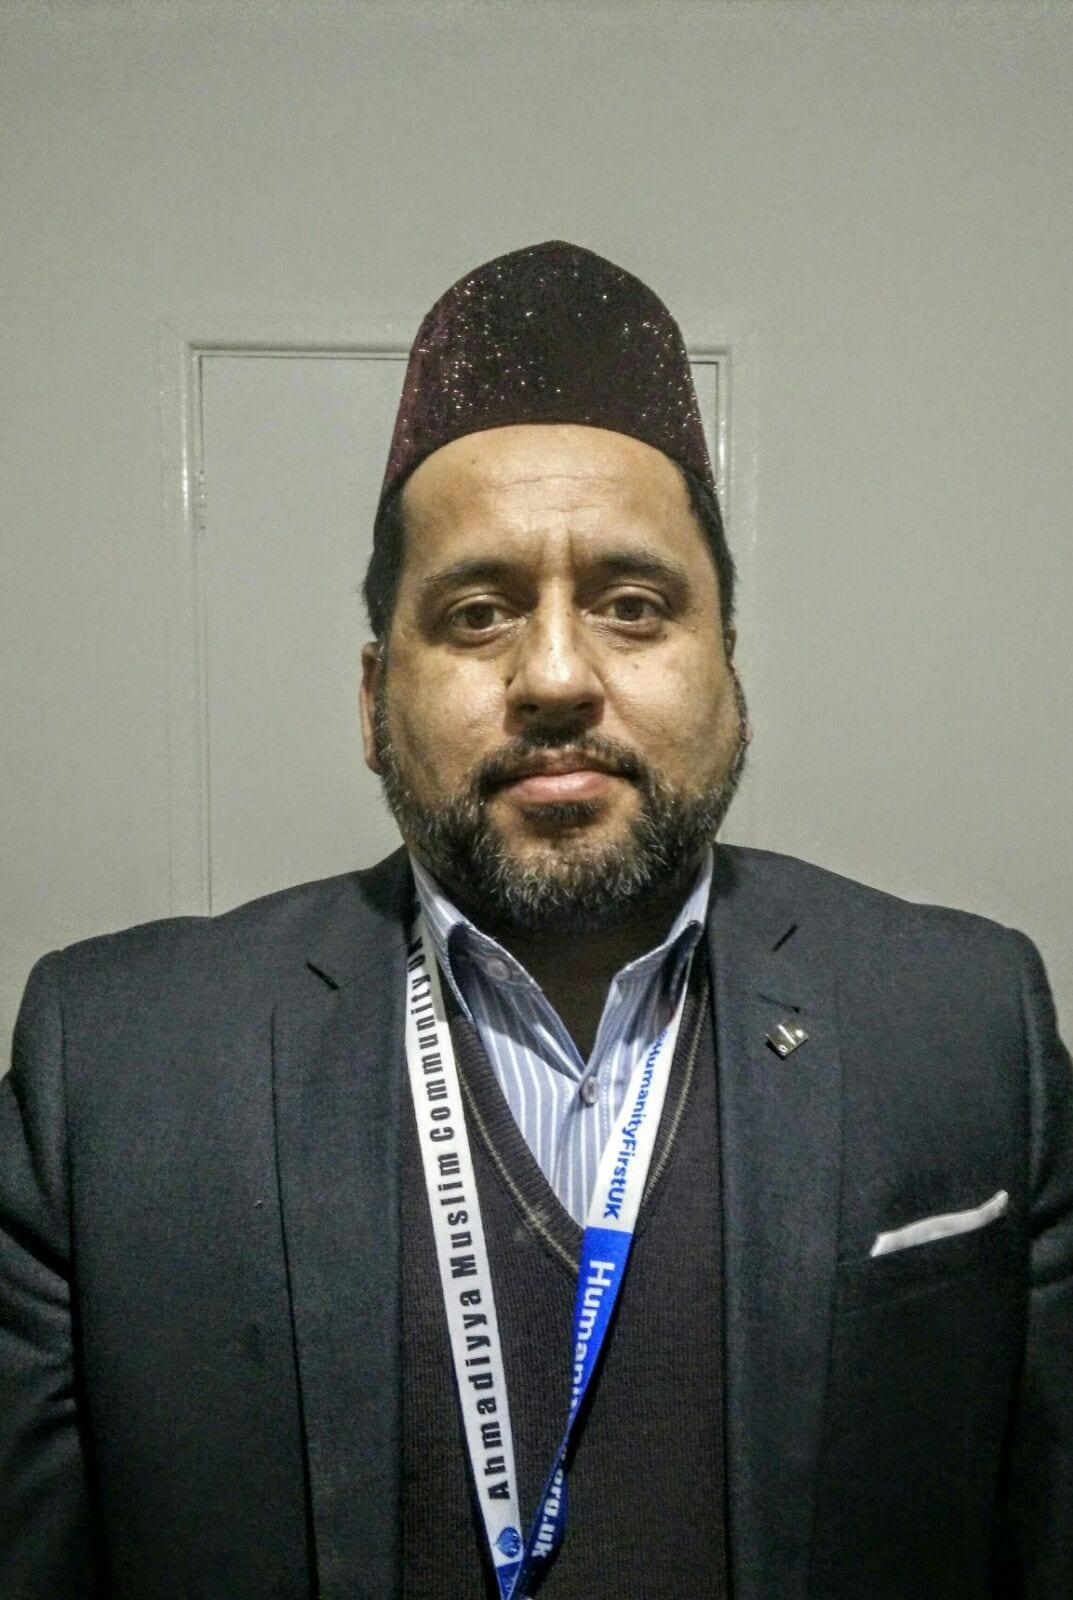 Mr. Khalid Ahmad